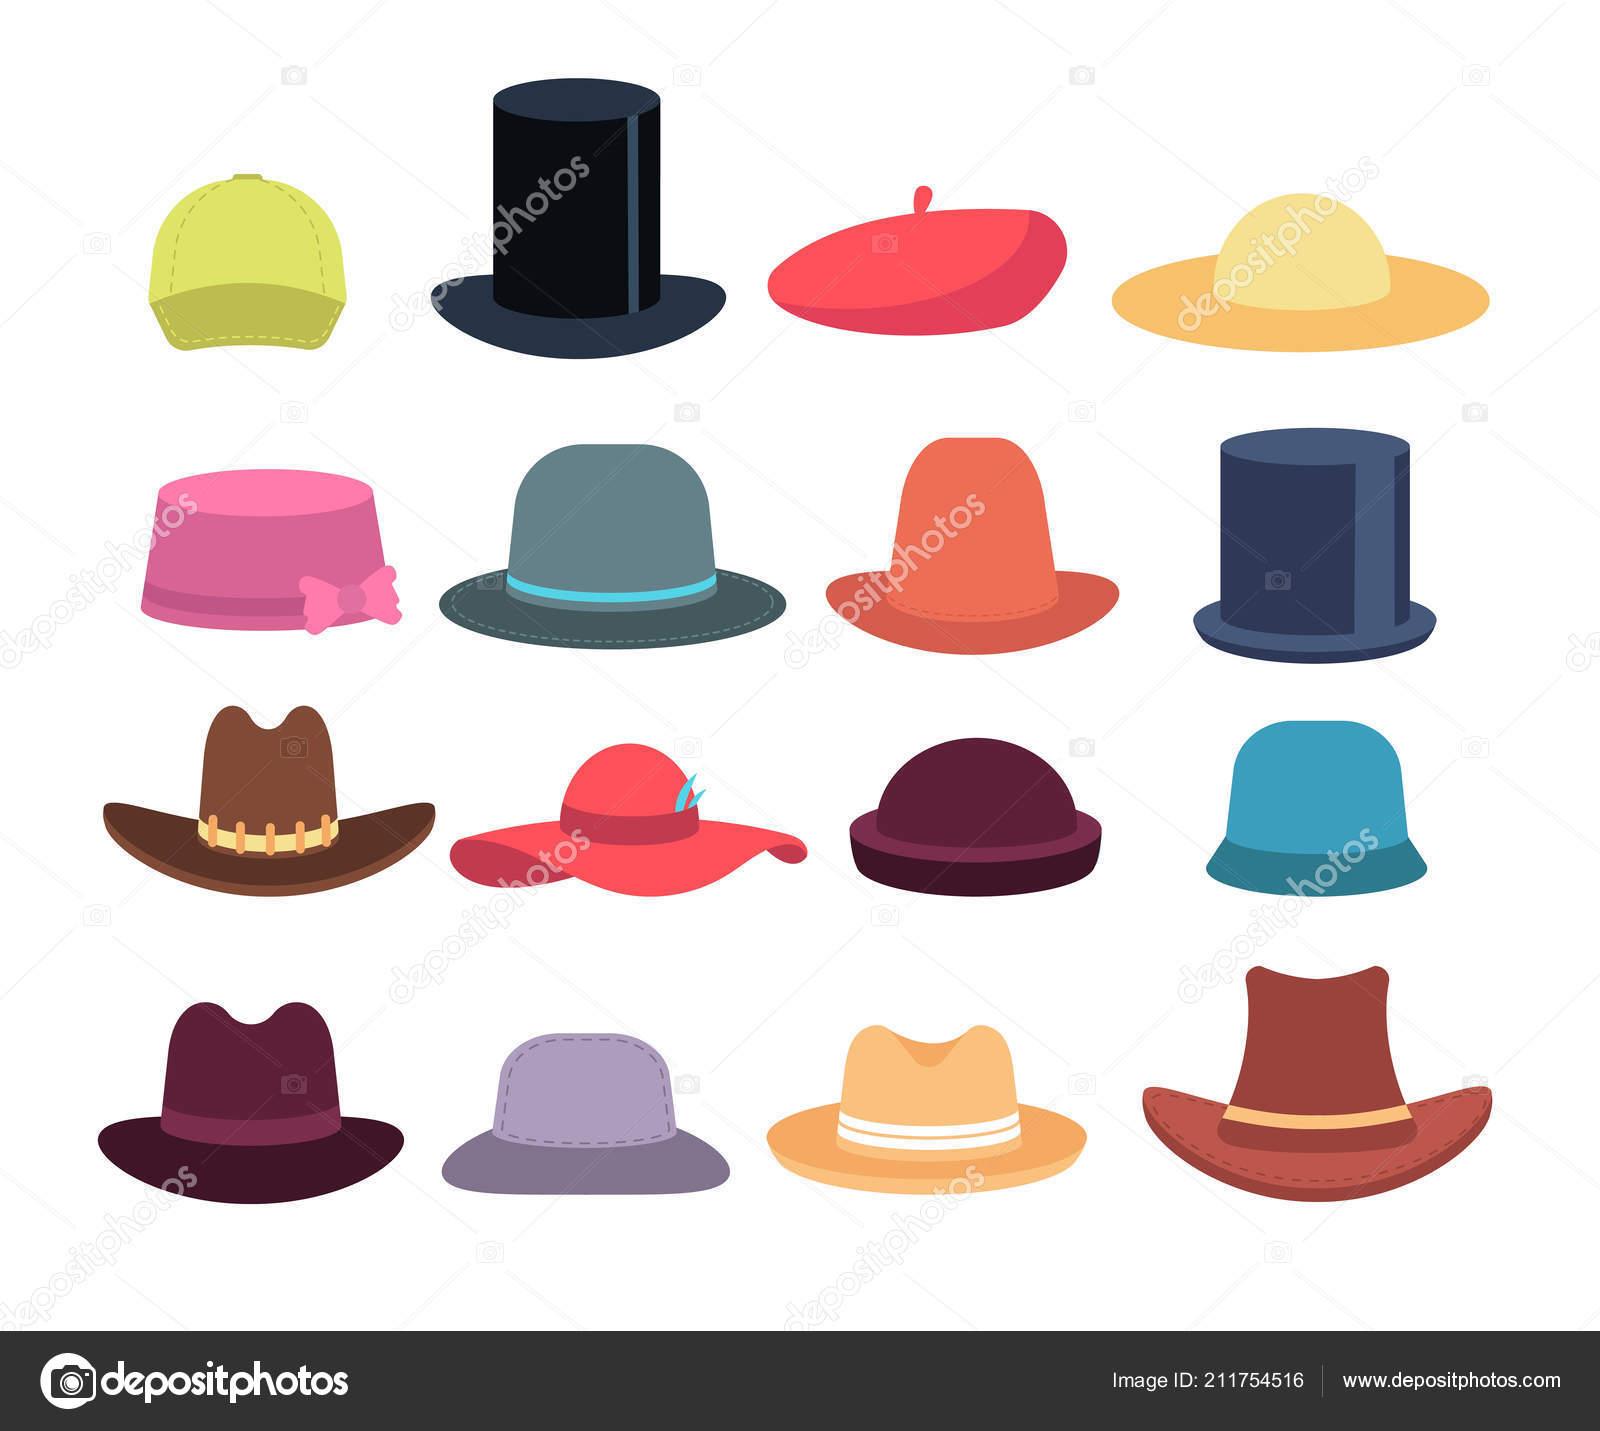 Rajzfilm kalapok. Férfi és női kalap és más fejfedő. Kalap és kap  hétköznapi modellek 7647653619